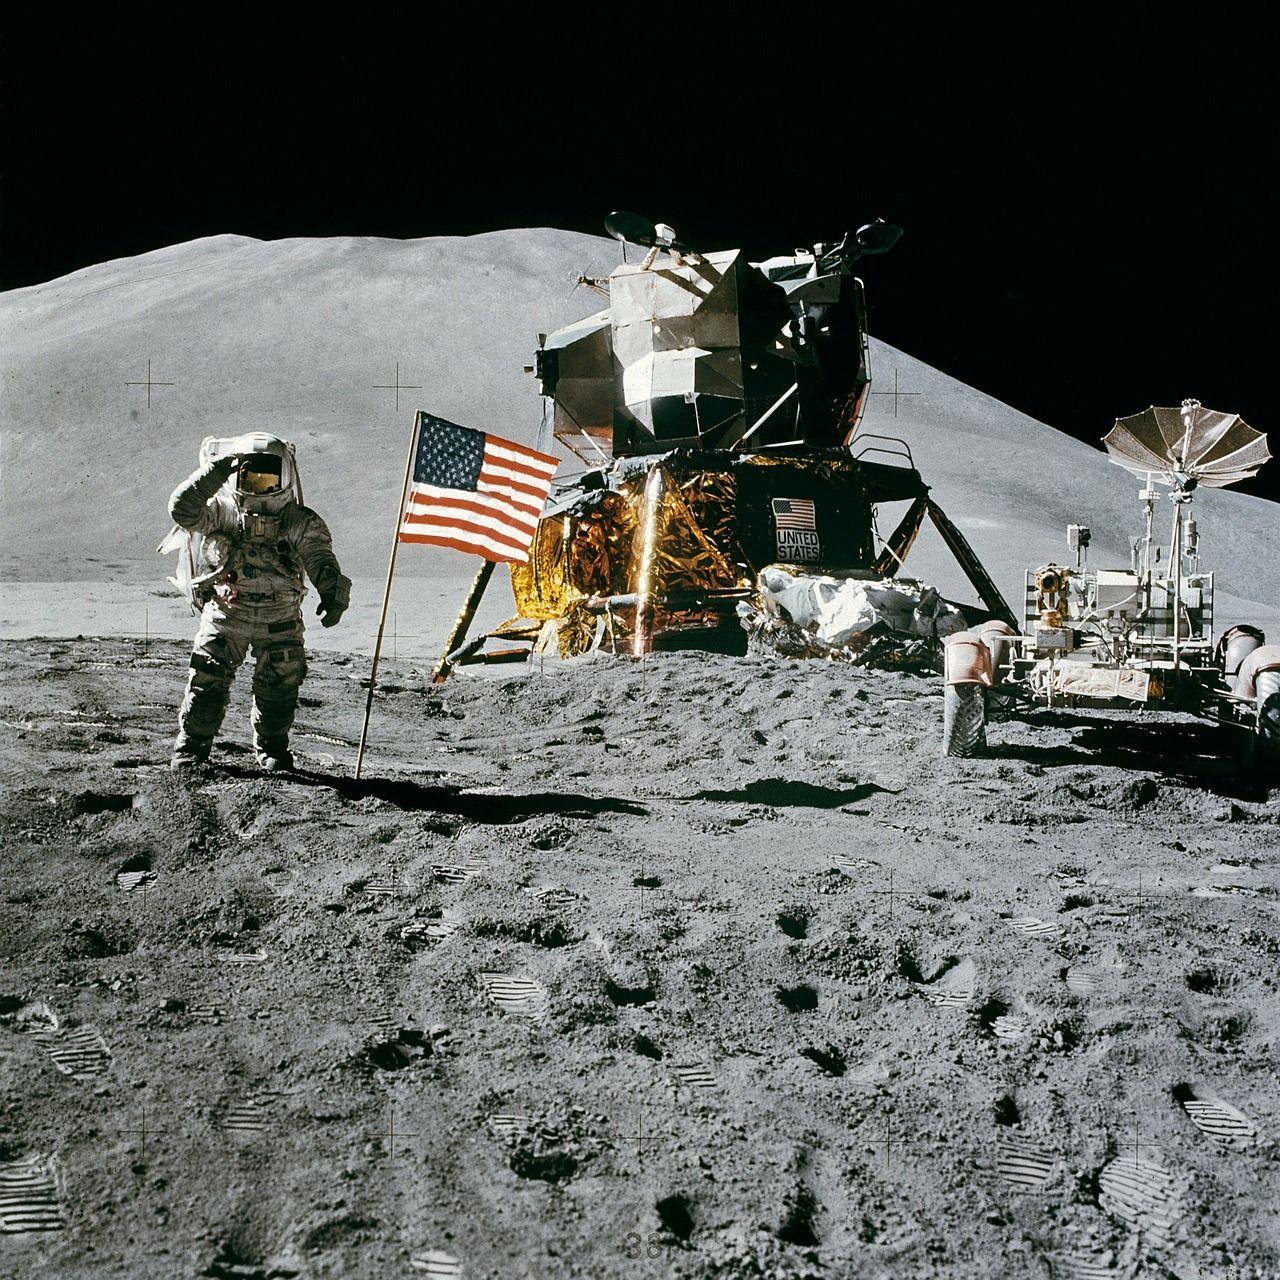 teoria del complotto lunare